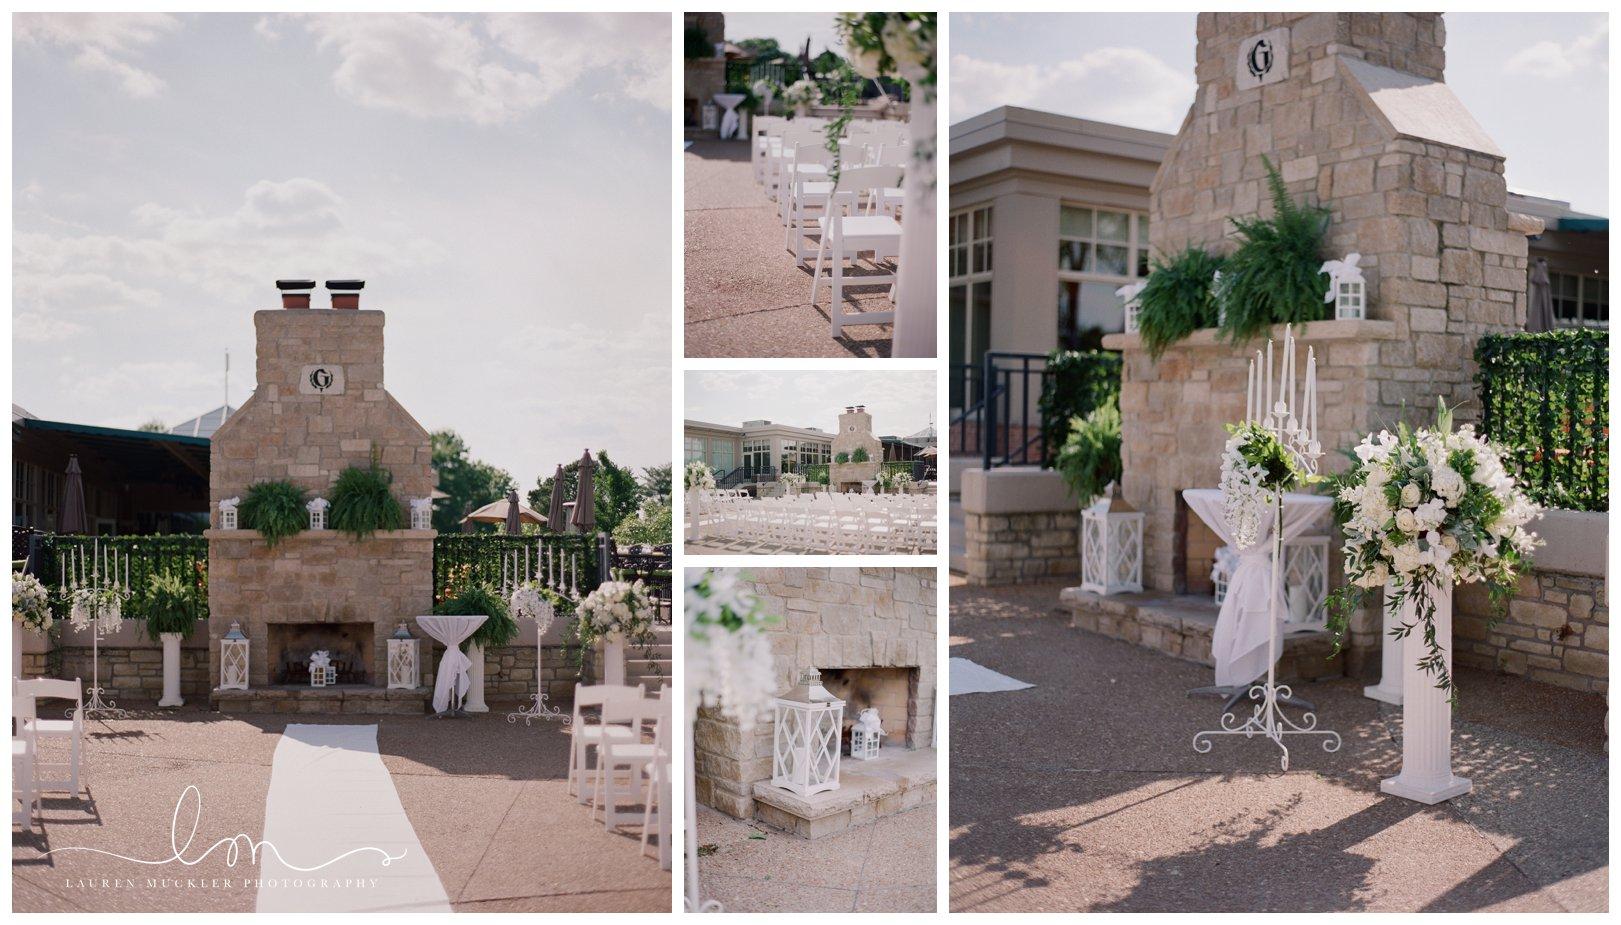 lauren muckler photography_fine art film wedding photography_st louis_photography_0236.jpg